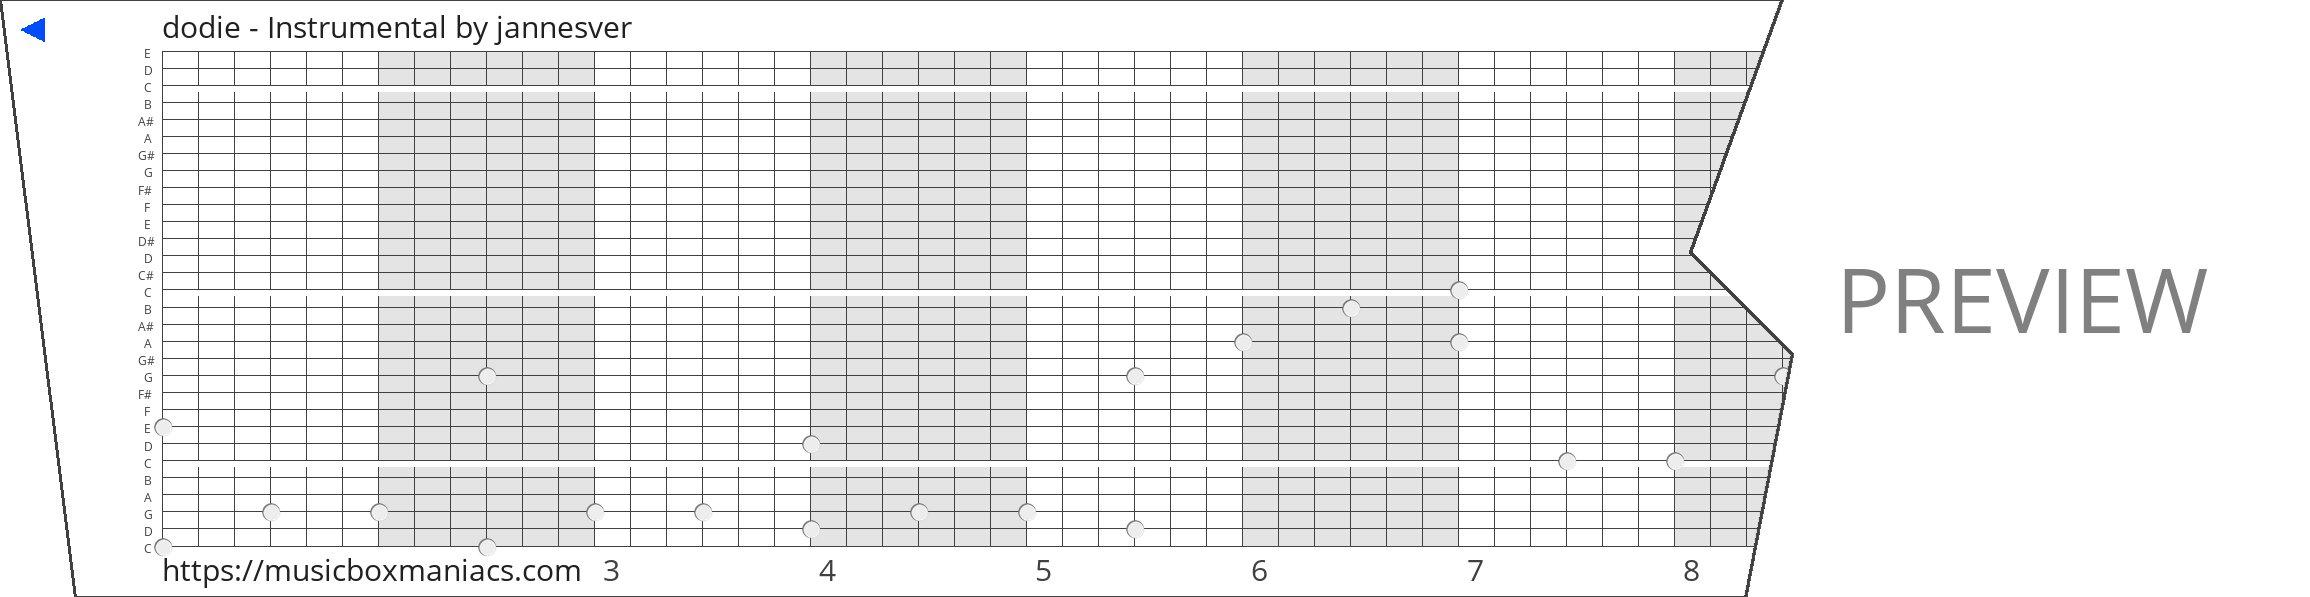 dodie - Instrumental 30 note music box paper strip